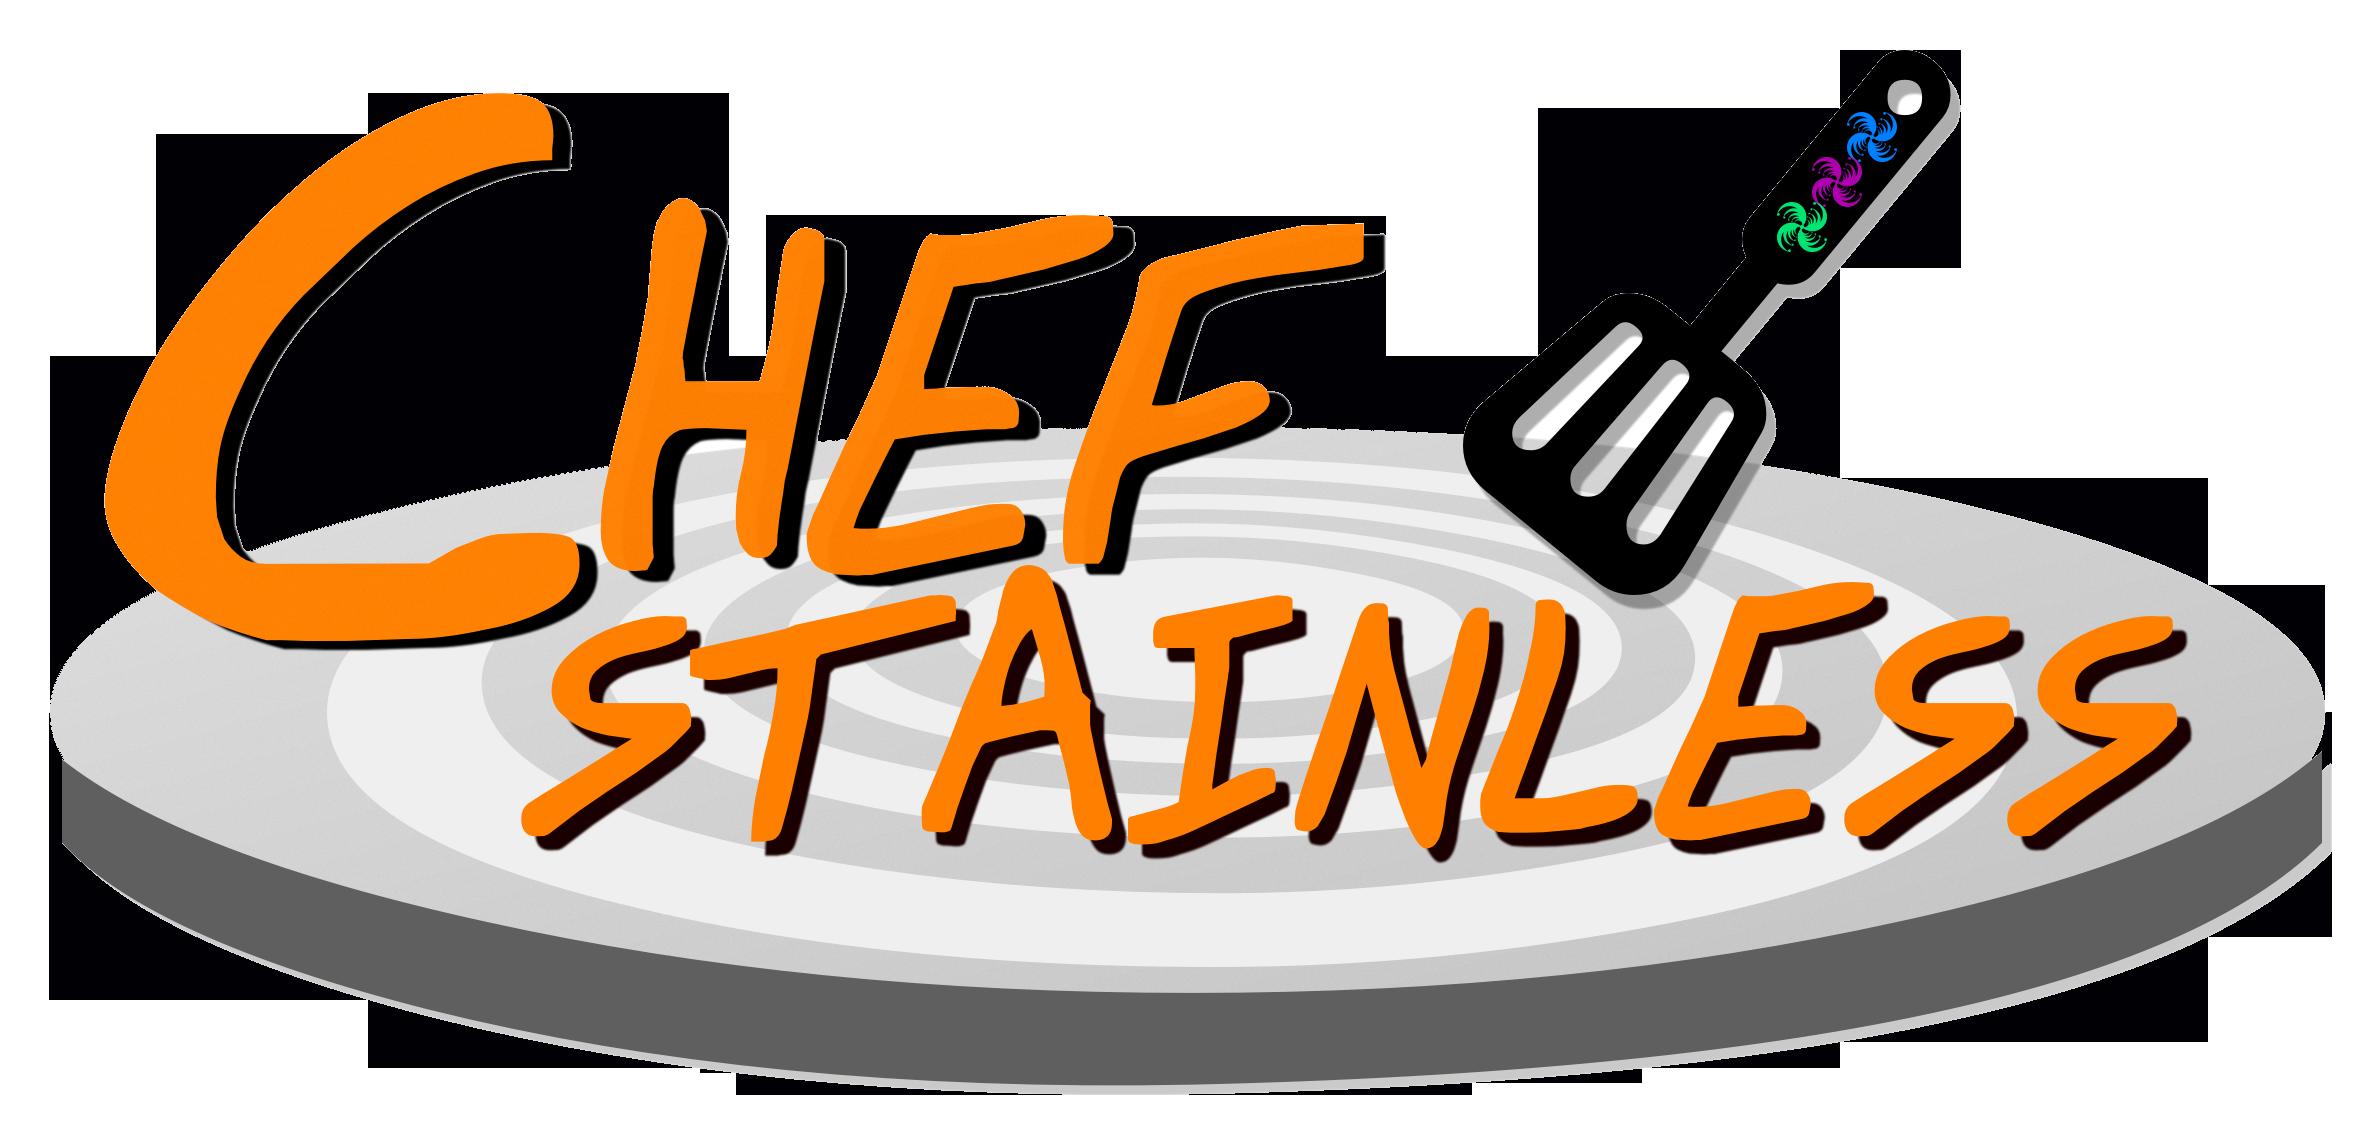 ครัวสแตนเลส,หม้อสแตนเลส,เก้าอี้สแตนเลส,โต๊ะสแตนเลส,อ่างล้างจานสแตนเลส,ร้านขายสแตนเลส,ขายสแตนเลส,เครื่องครัวสแตนเลส,รับออกแบบ